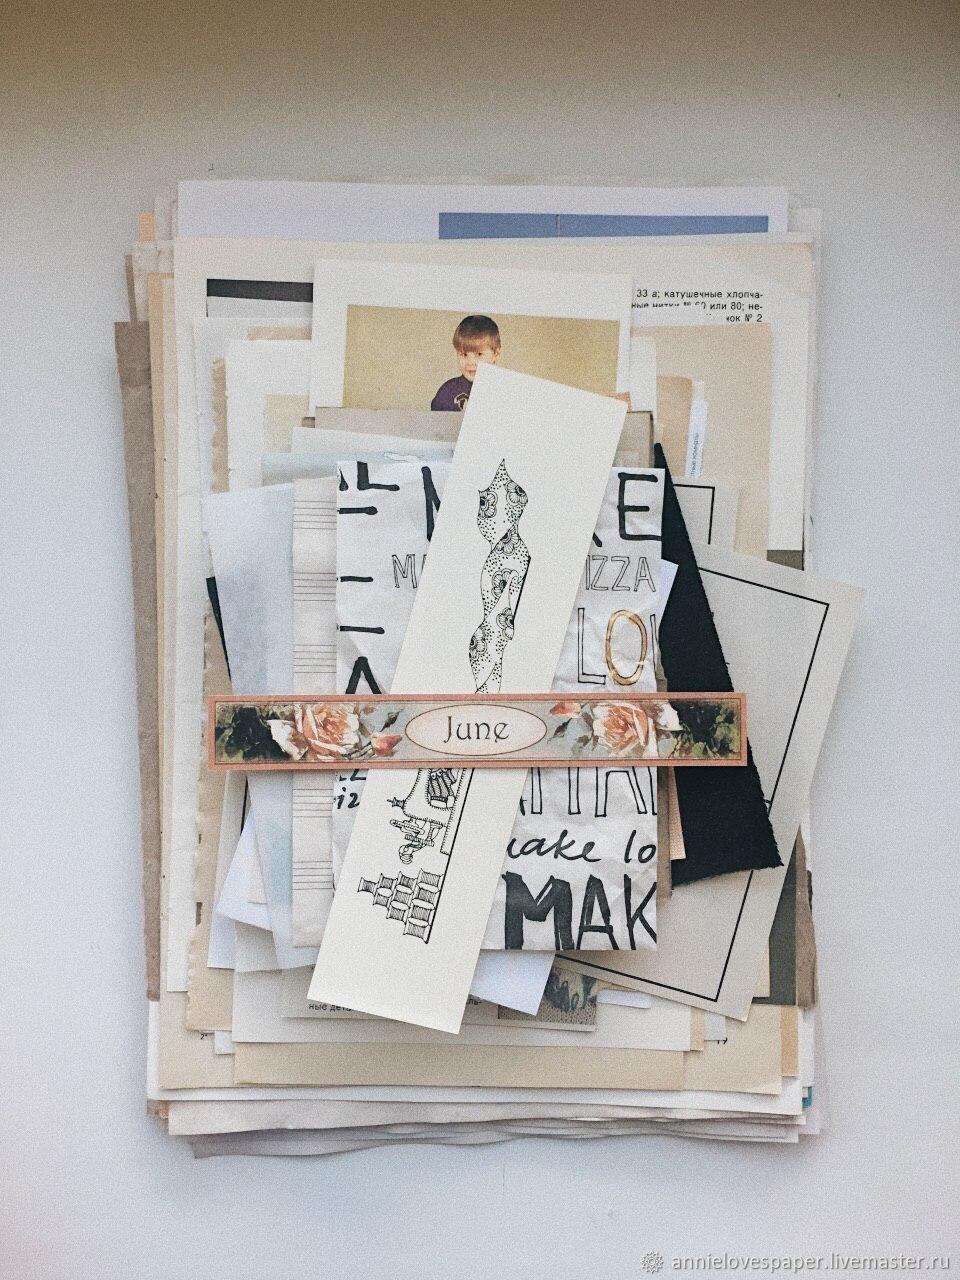 Набор бумаги для джанкбукинга, скрапбукинга, журналинга, Бумага, Томск,  Фото №1